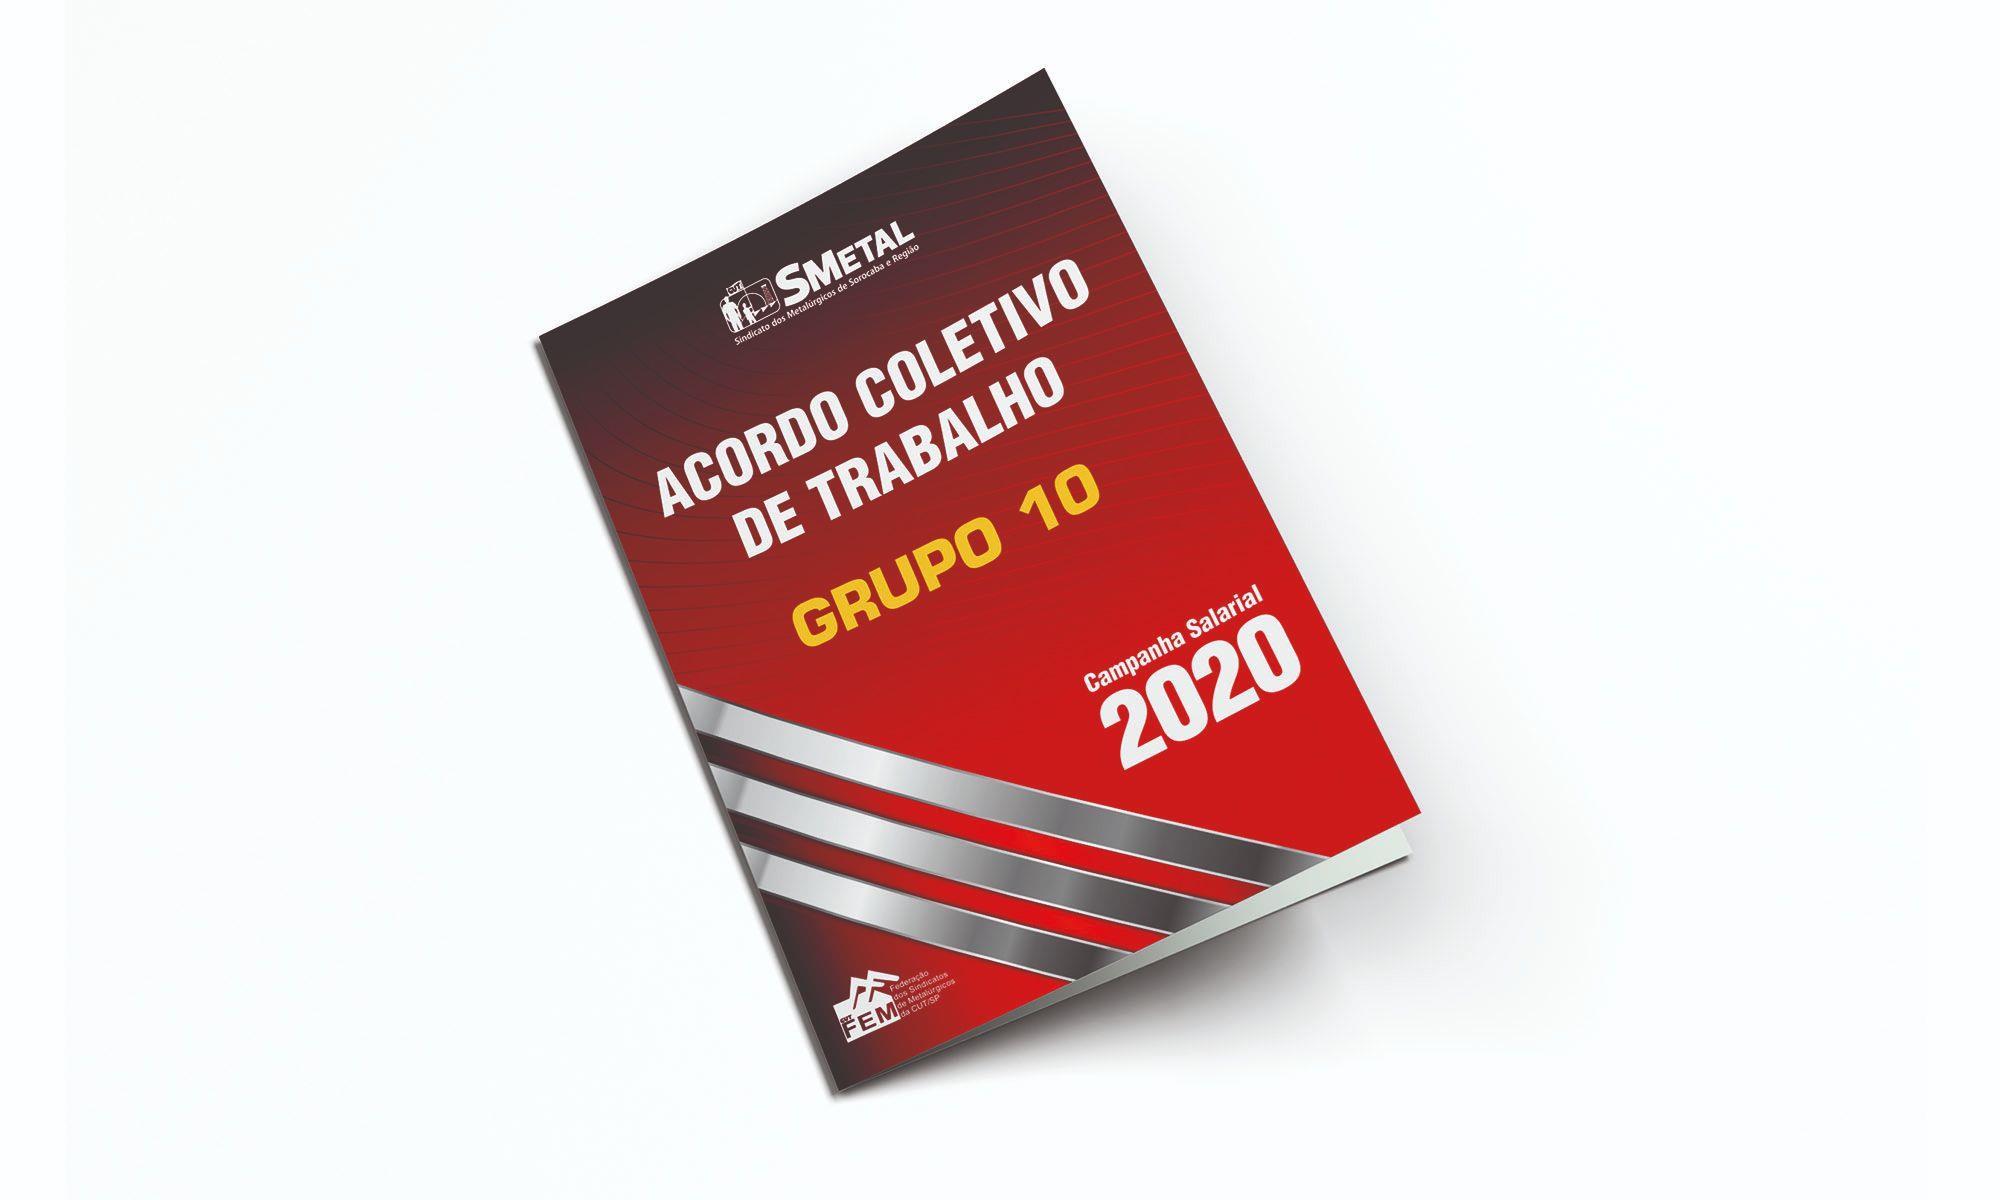 acordo, coletivo, grupo 10, g10, campanha,, Divulgação